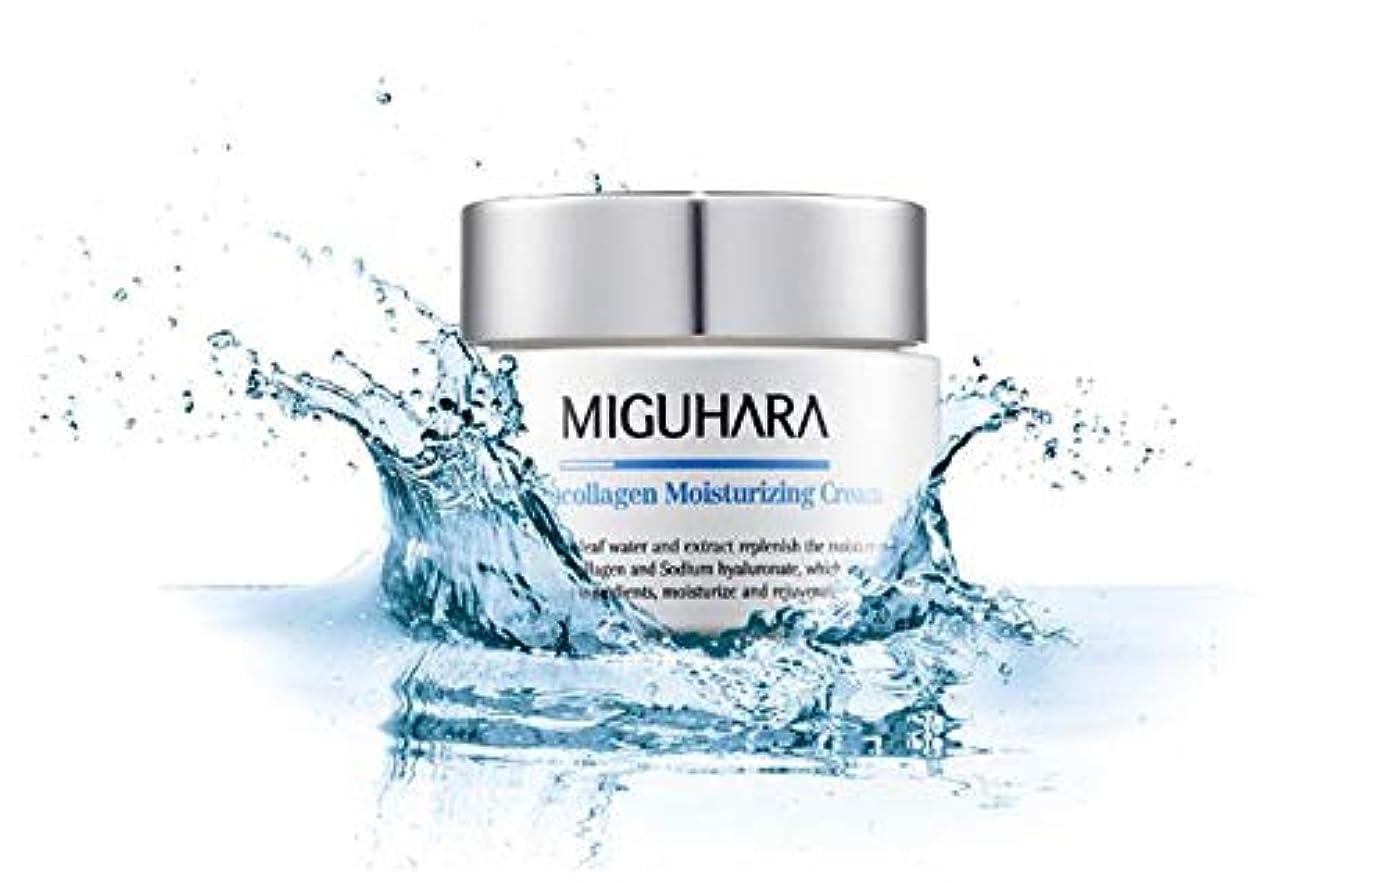 暗殺揺れる不正確MIGUHARA Hyalucollagen Moisturizing Cream 50ml/ヒアルロンコラーゲンモイスチャーライジングクリーム50ml